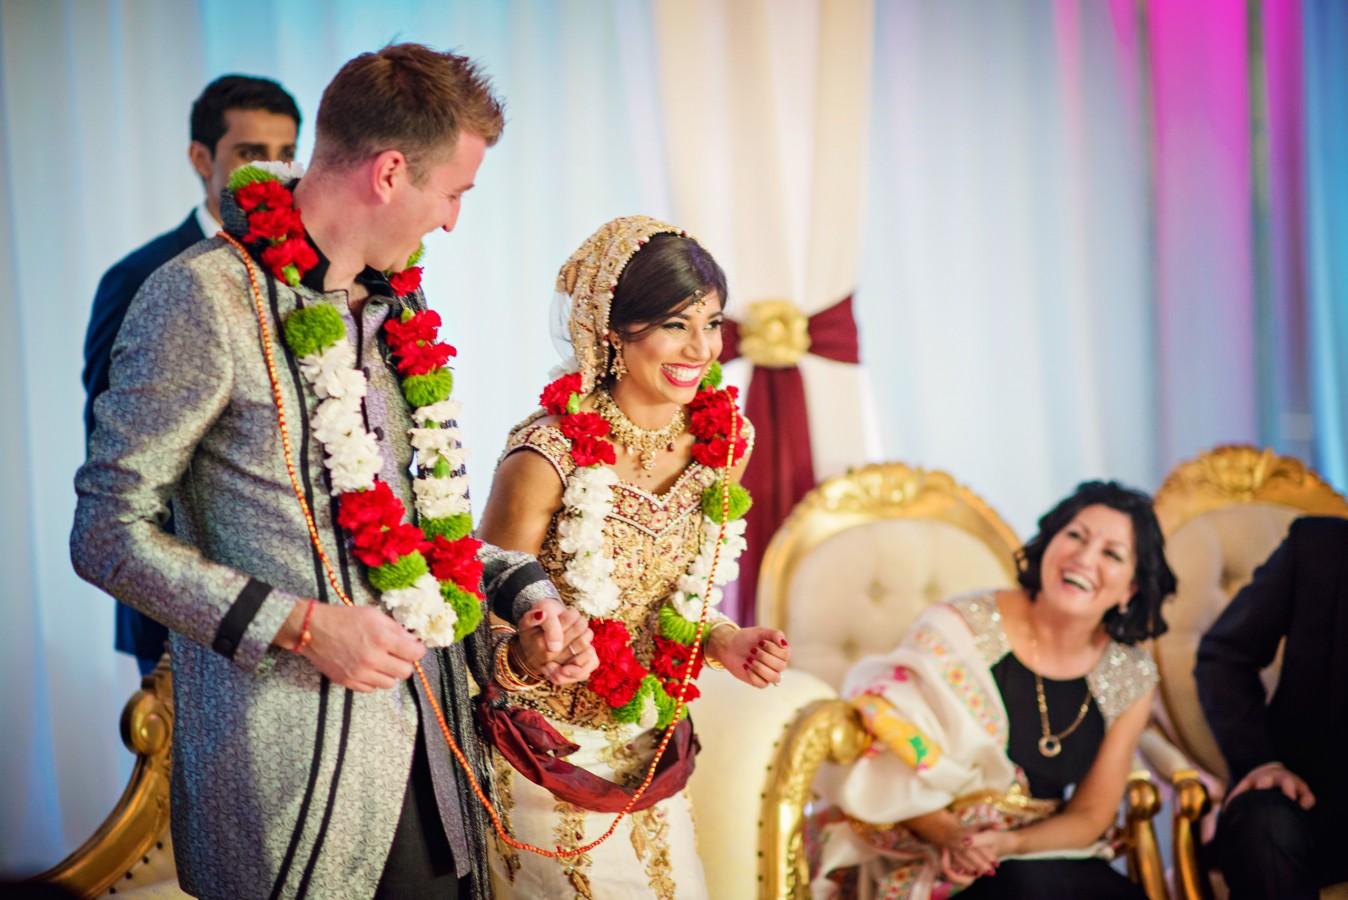 Hampshire Wedding Photographer - GK Photography-220